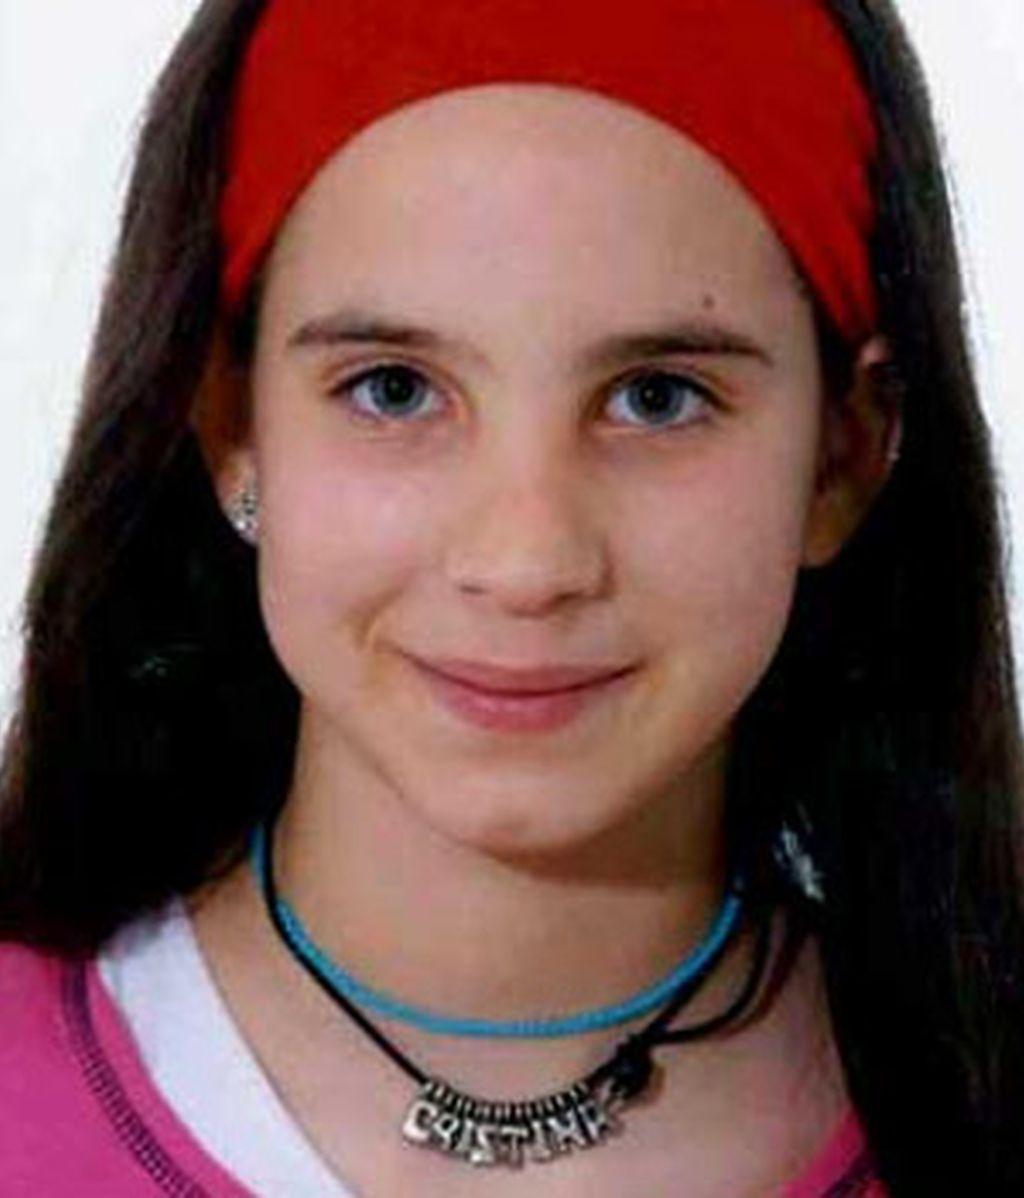 La joven Cristina Martín desaparició el pasado martes. Vídeo: Informativos Telecinco